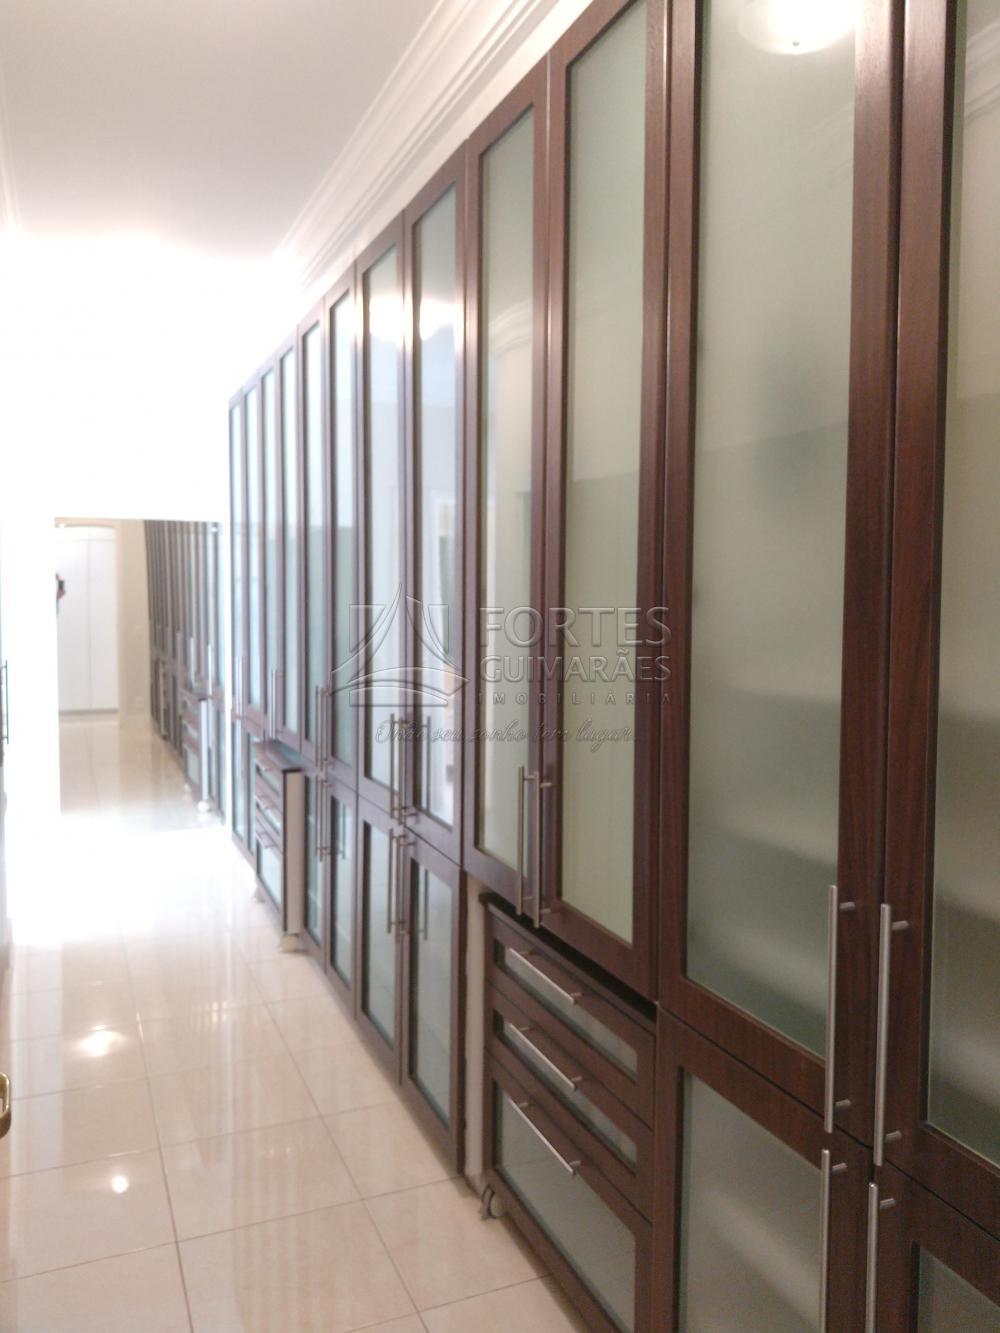 Alugar Apartamentos / Padrão em Ribeirão Preto apenas R$ 3.000,00 - Foto 38